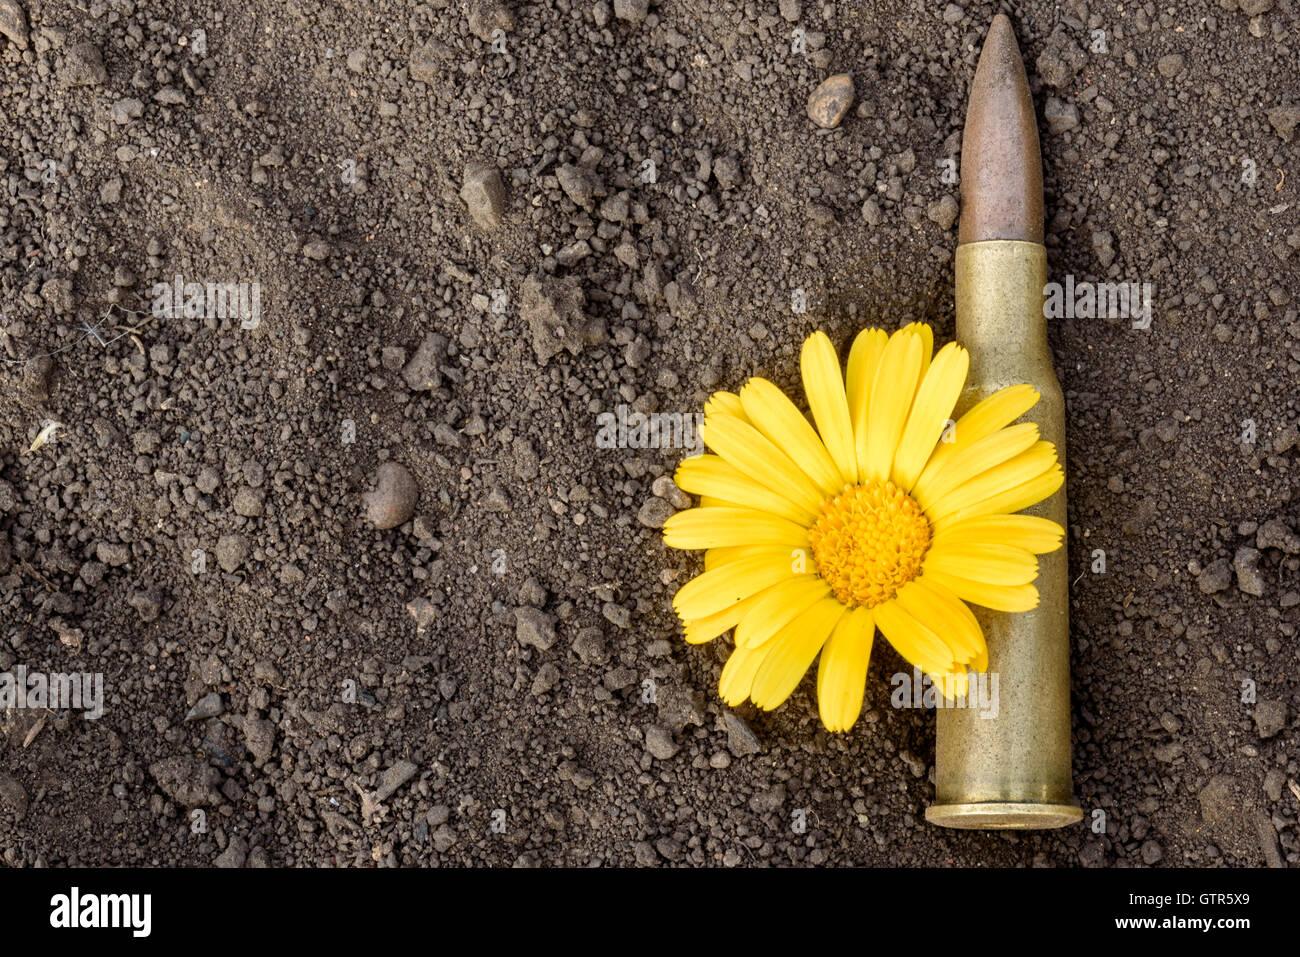 Viñeta de 7,62 mm y municiones shell con una flor amarilla de la paz descansa sobre un fondo sucio de polvo. Imagen De Stock